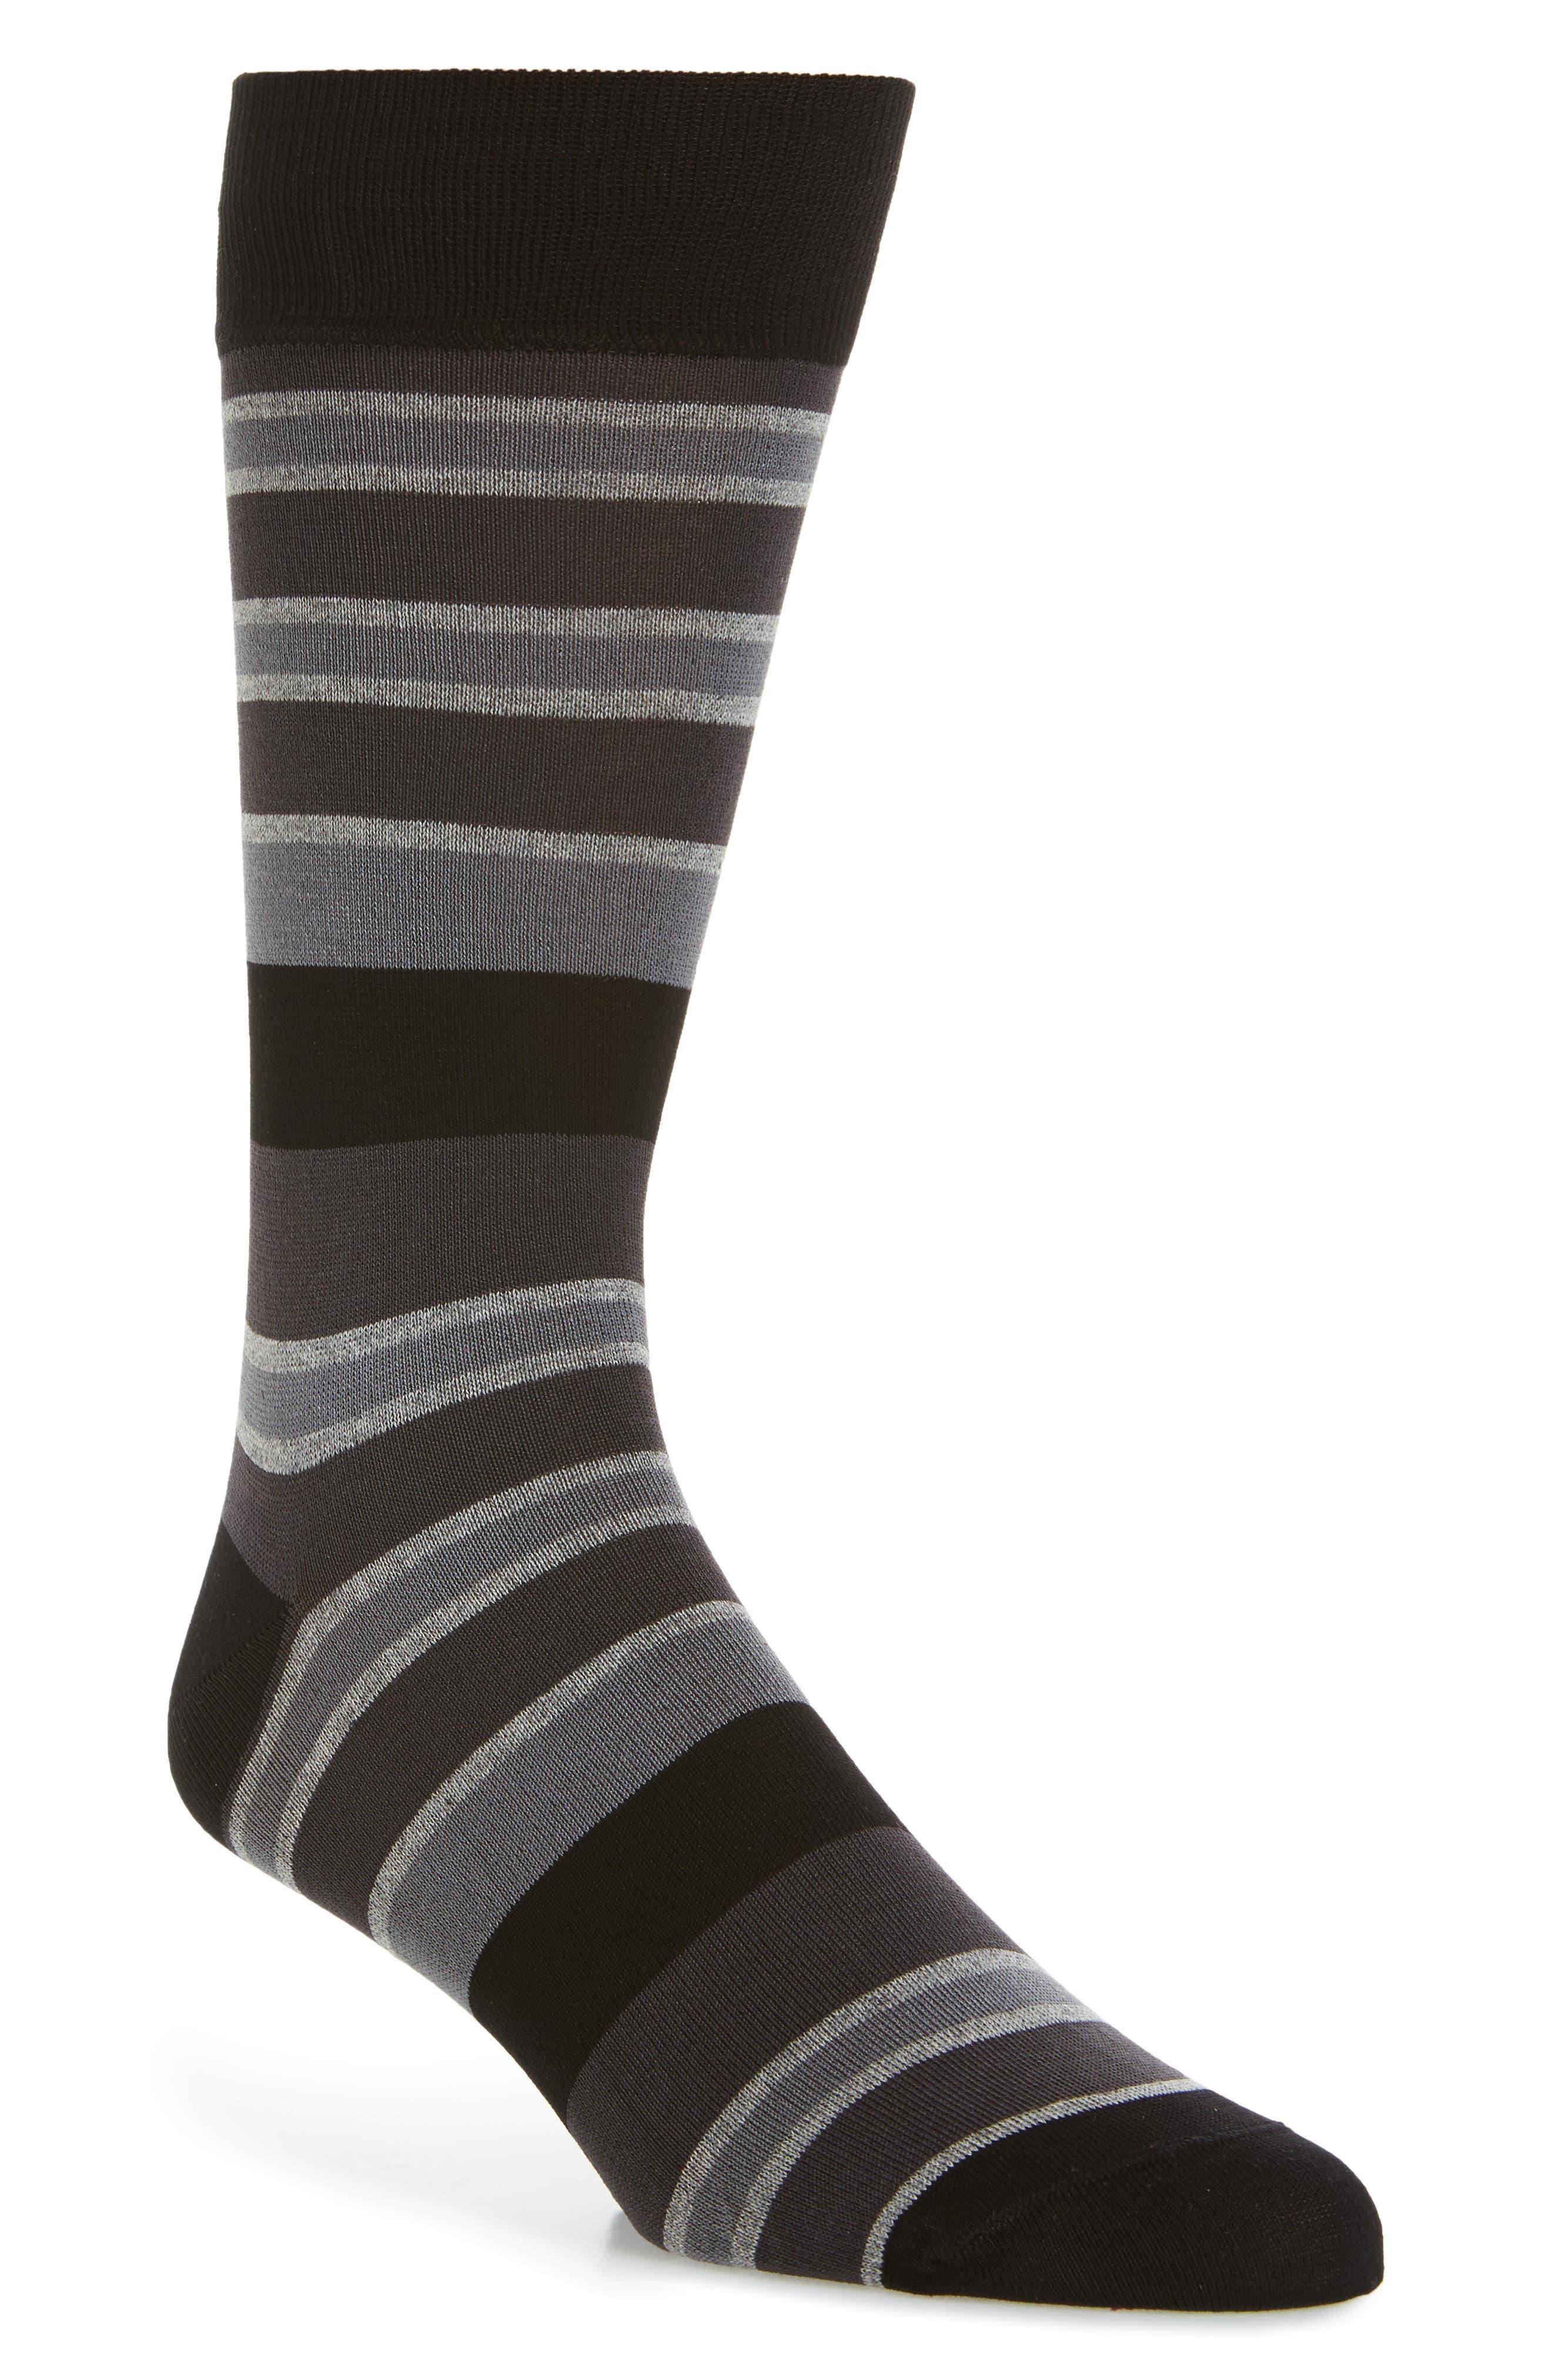 Stripe Mercerized Cotton Blend Socks,                             Main thumbnail 1, color,                             017